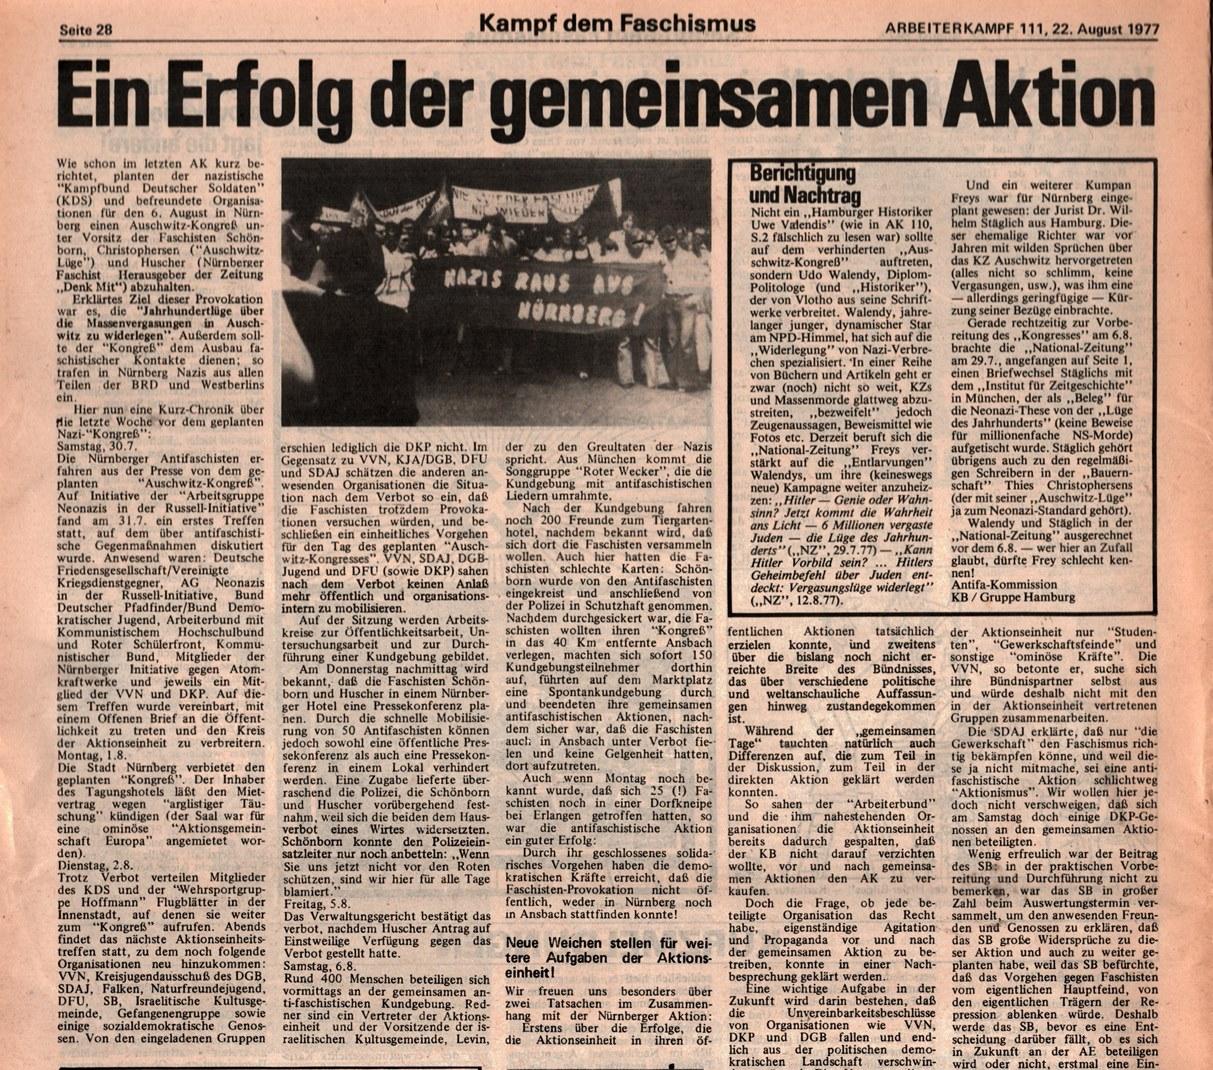 KB_AK_1977_111_055